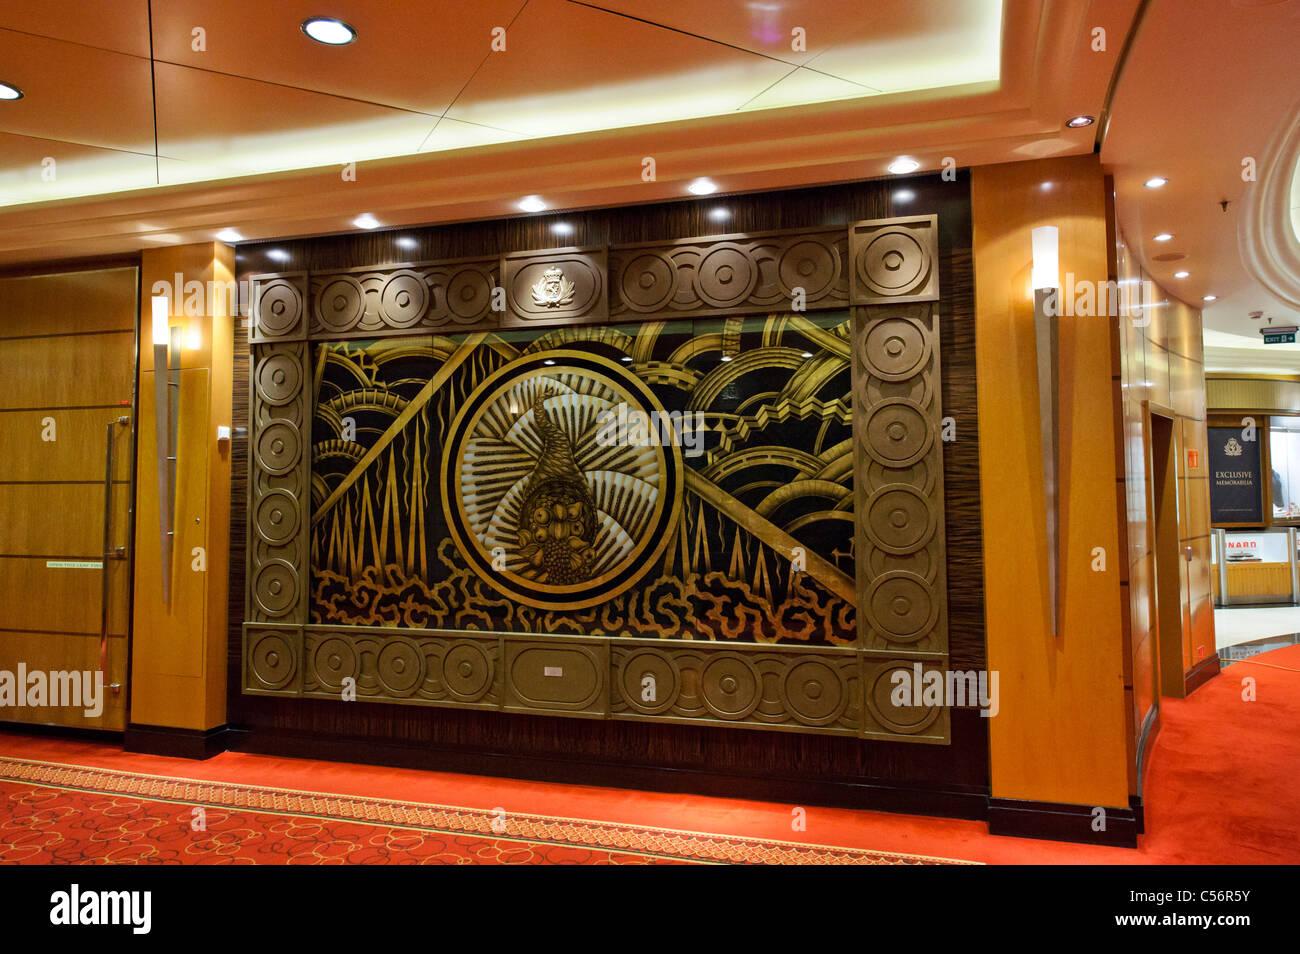 De grands panneaux Art déco décorer le couloir sur le pont 3, Queen Mary 2,  navire de ligne.